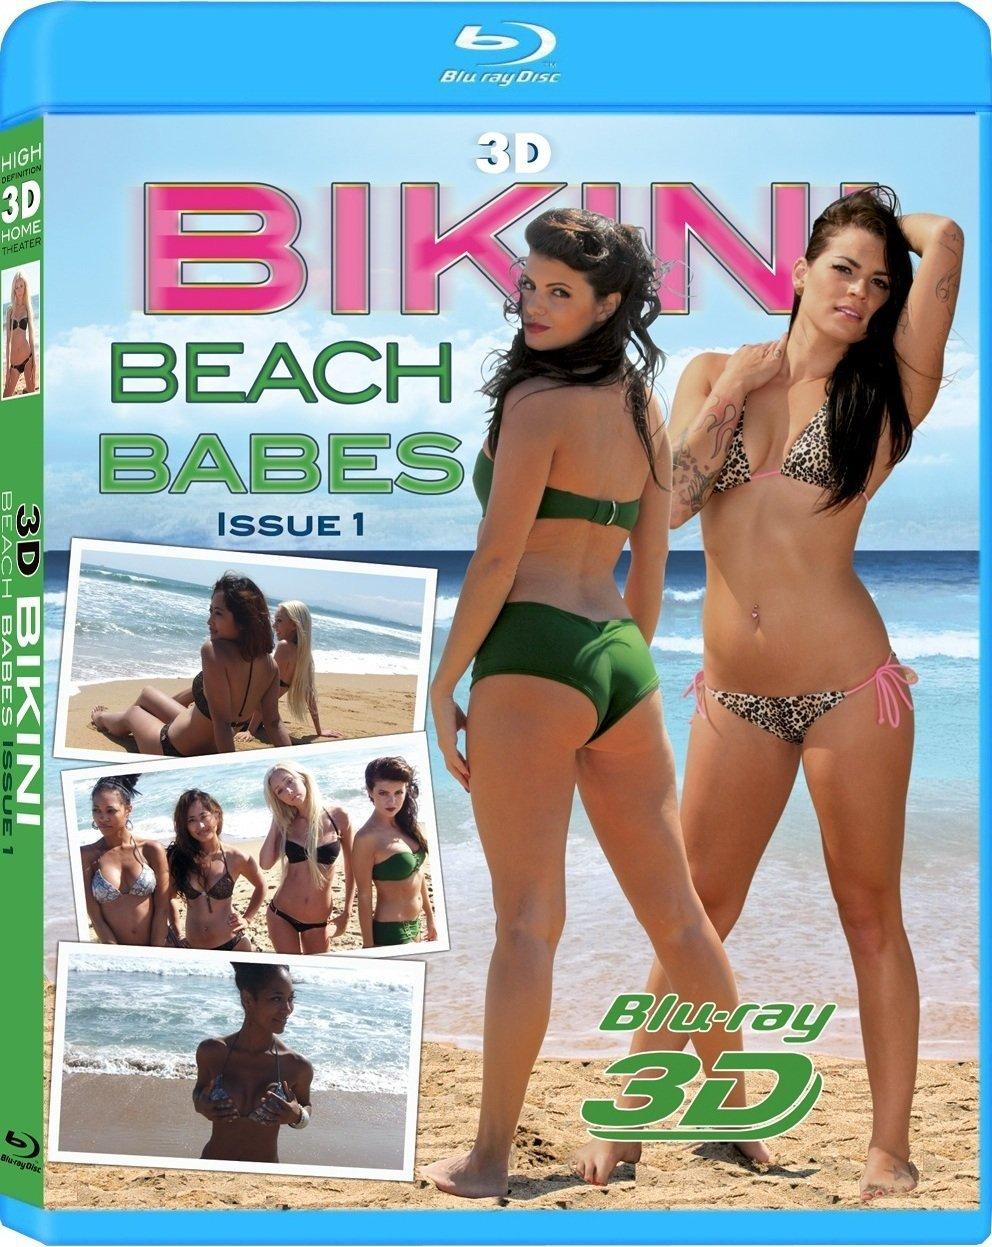 3d clip nude babes sex photos